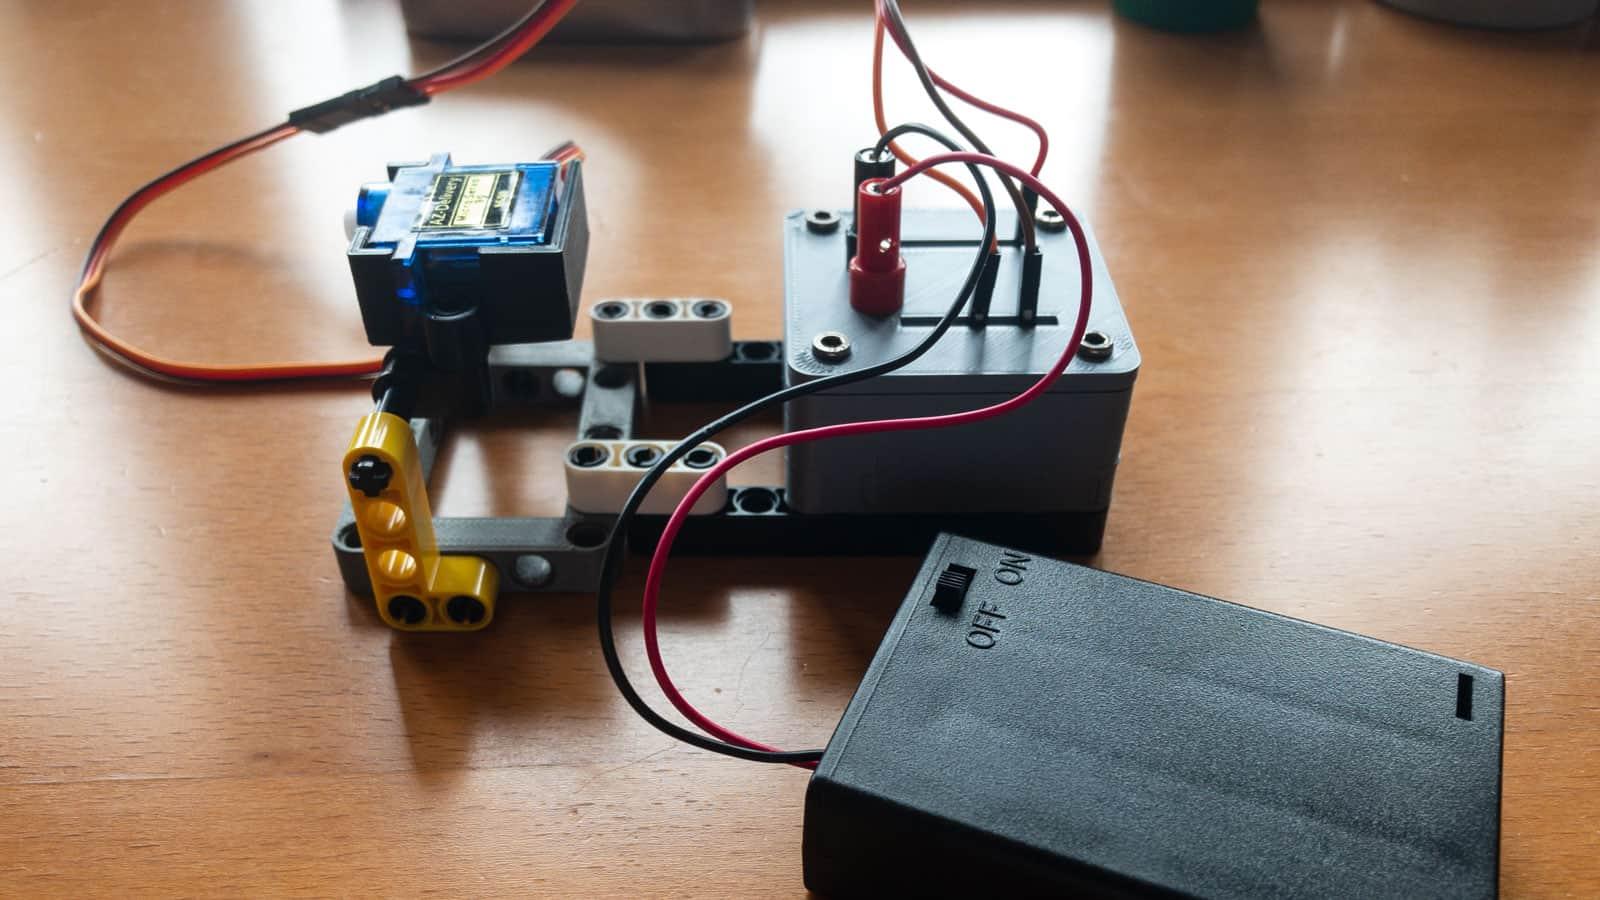 Projekt mit Wemos D1 mini